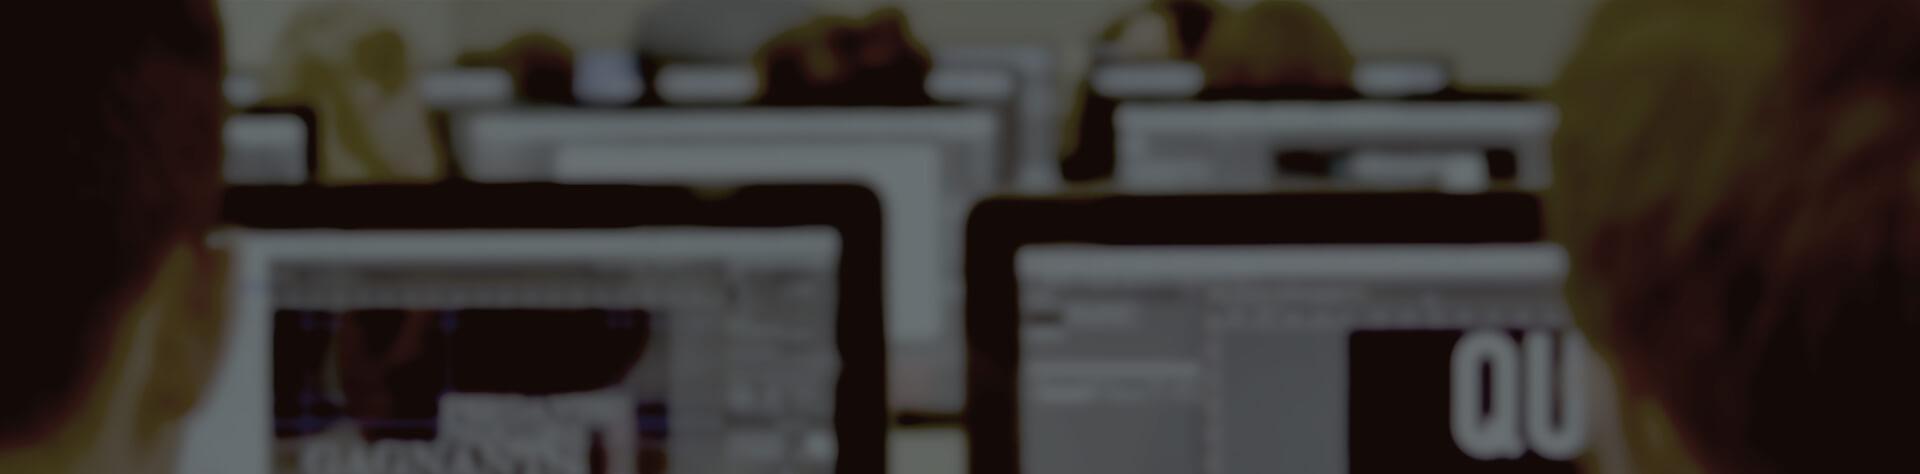 Mastère 1 E-Business - Expert stratégies digitales